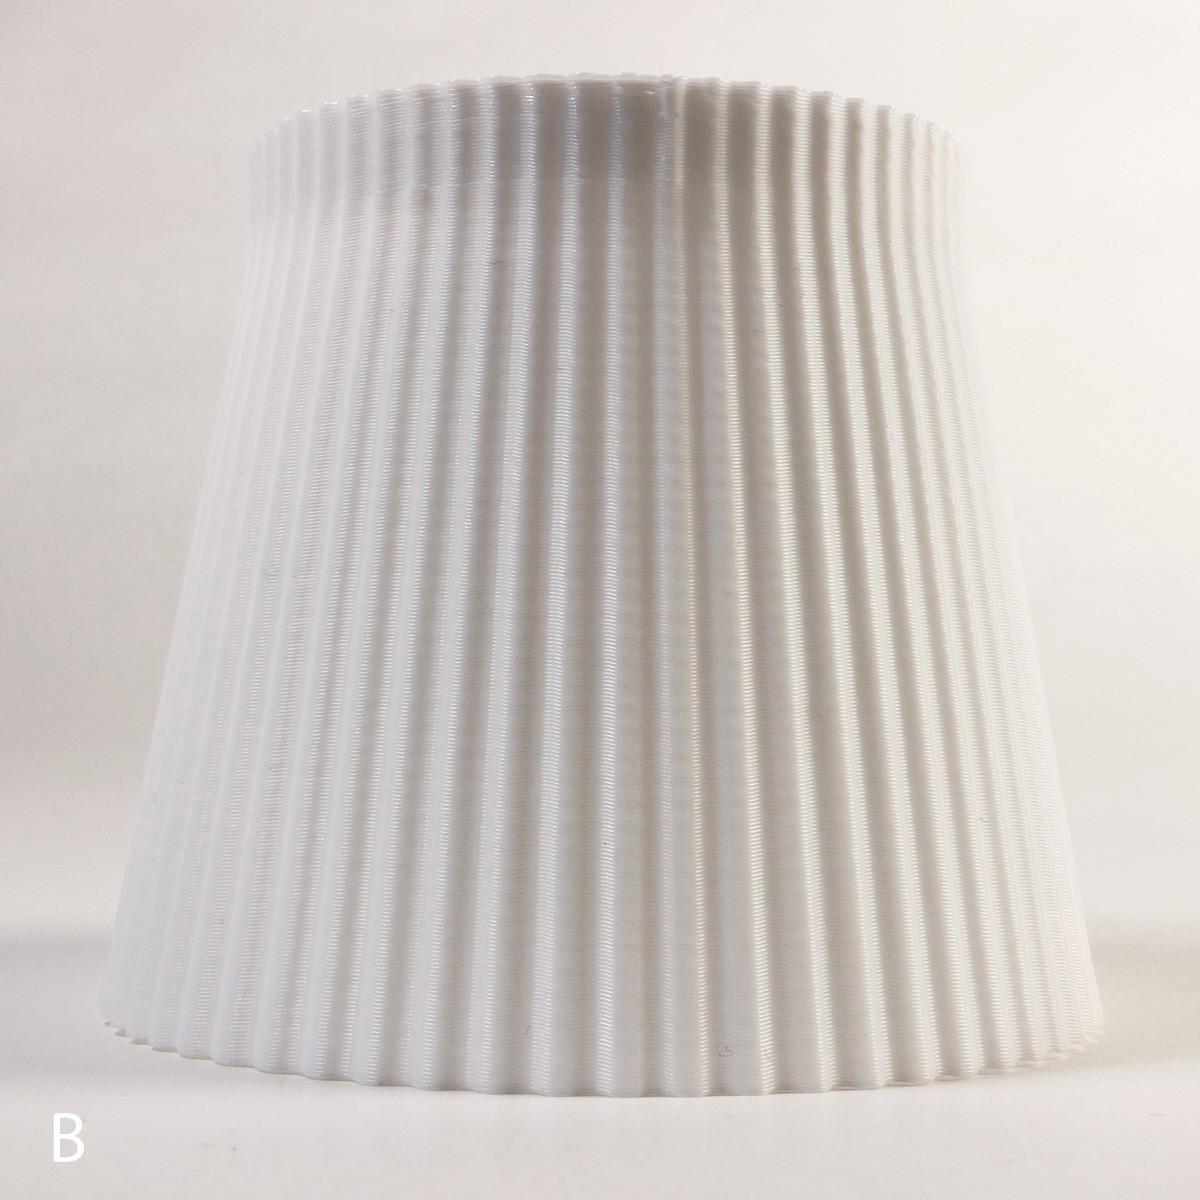 Marilyn_shadeB.jpg Download STL file MARILYN • 3D print model, svdv